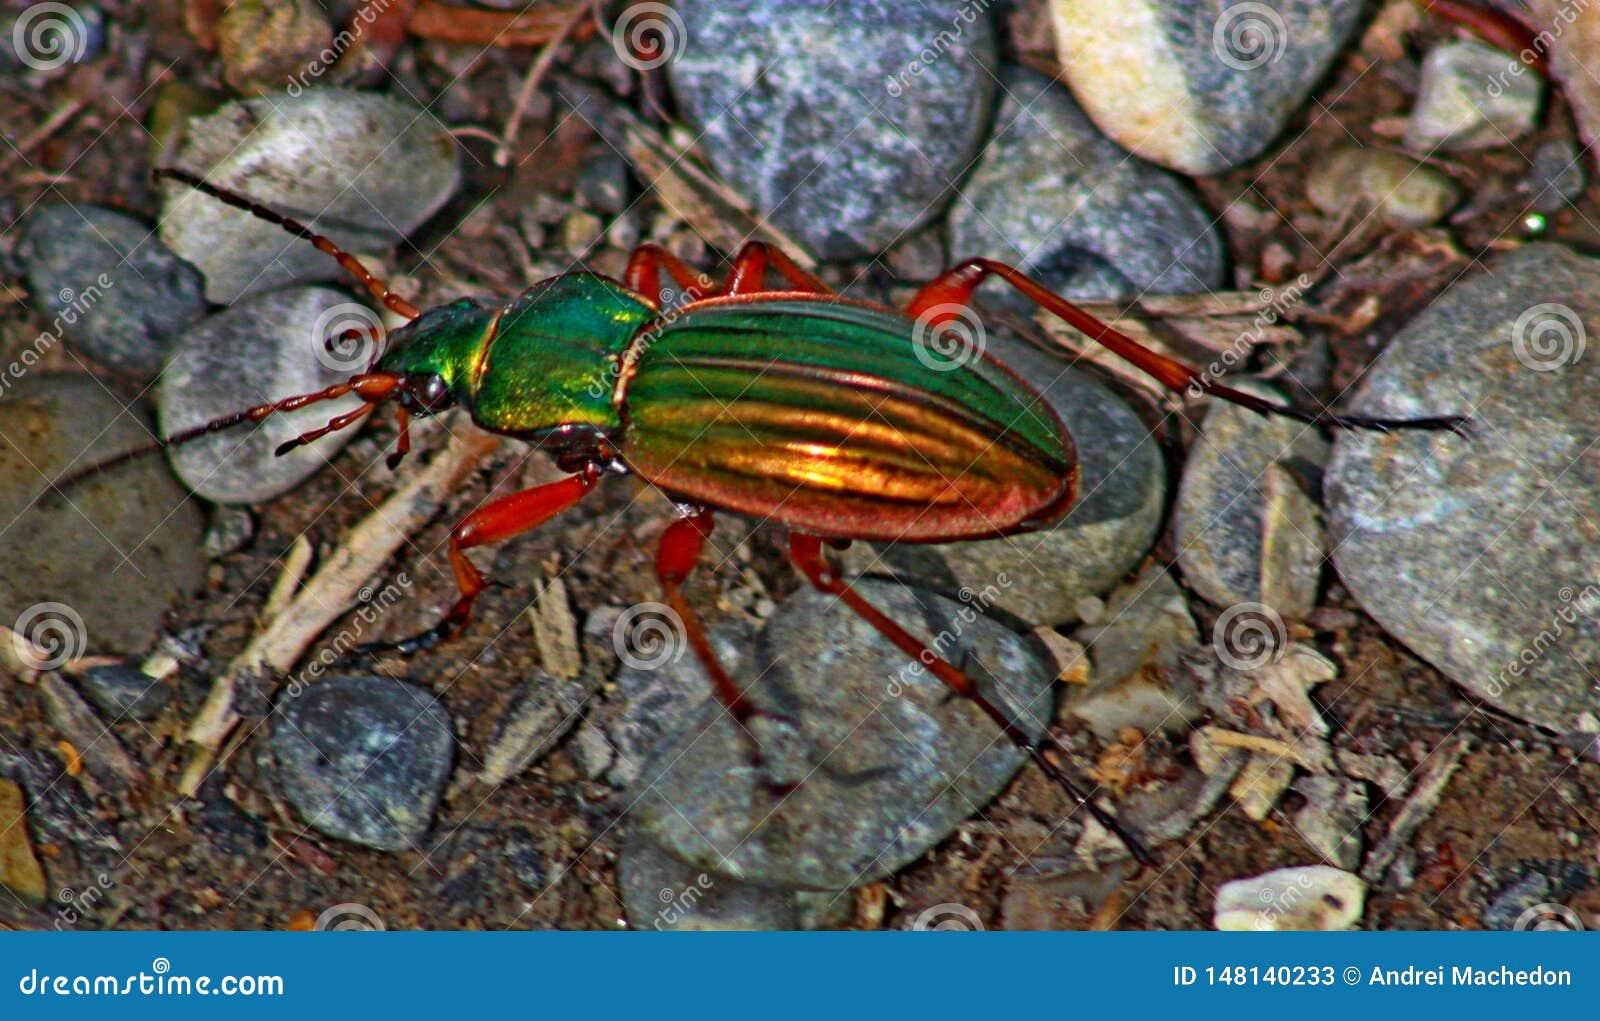 Красочный жук пересекая небольшой путь леса